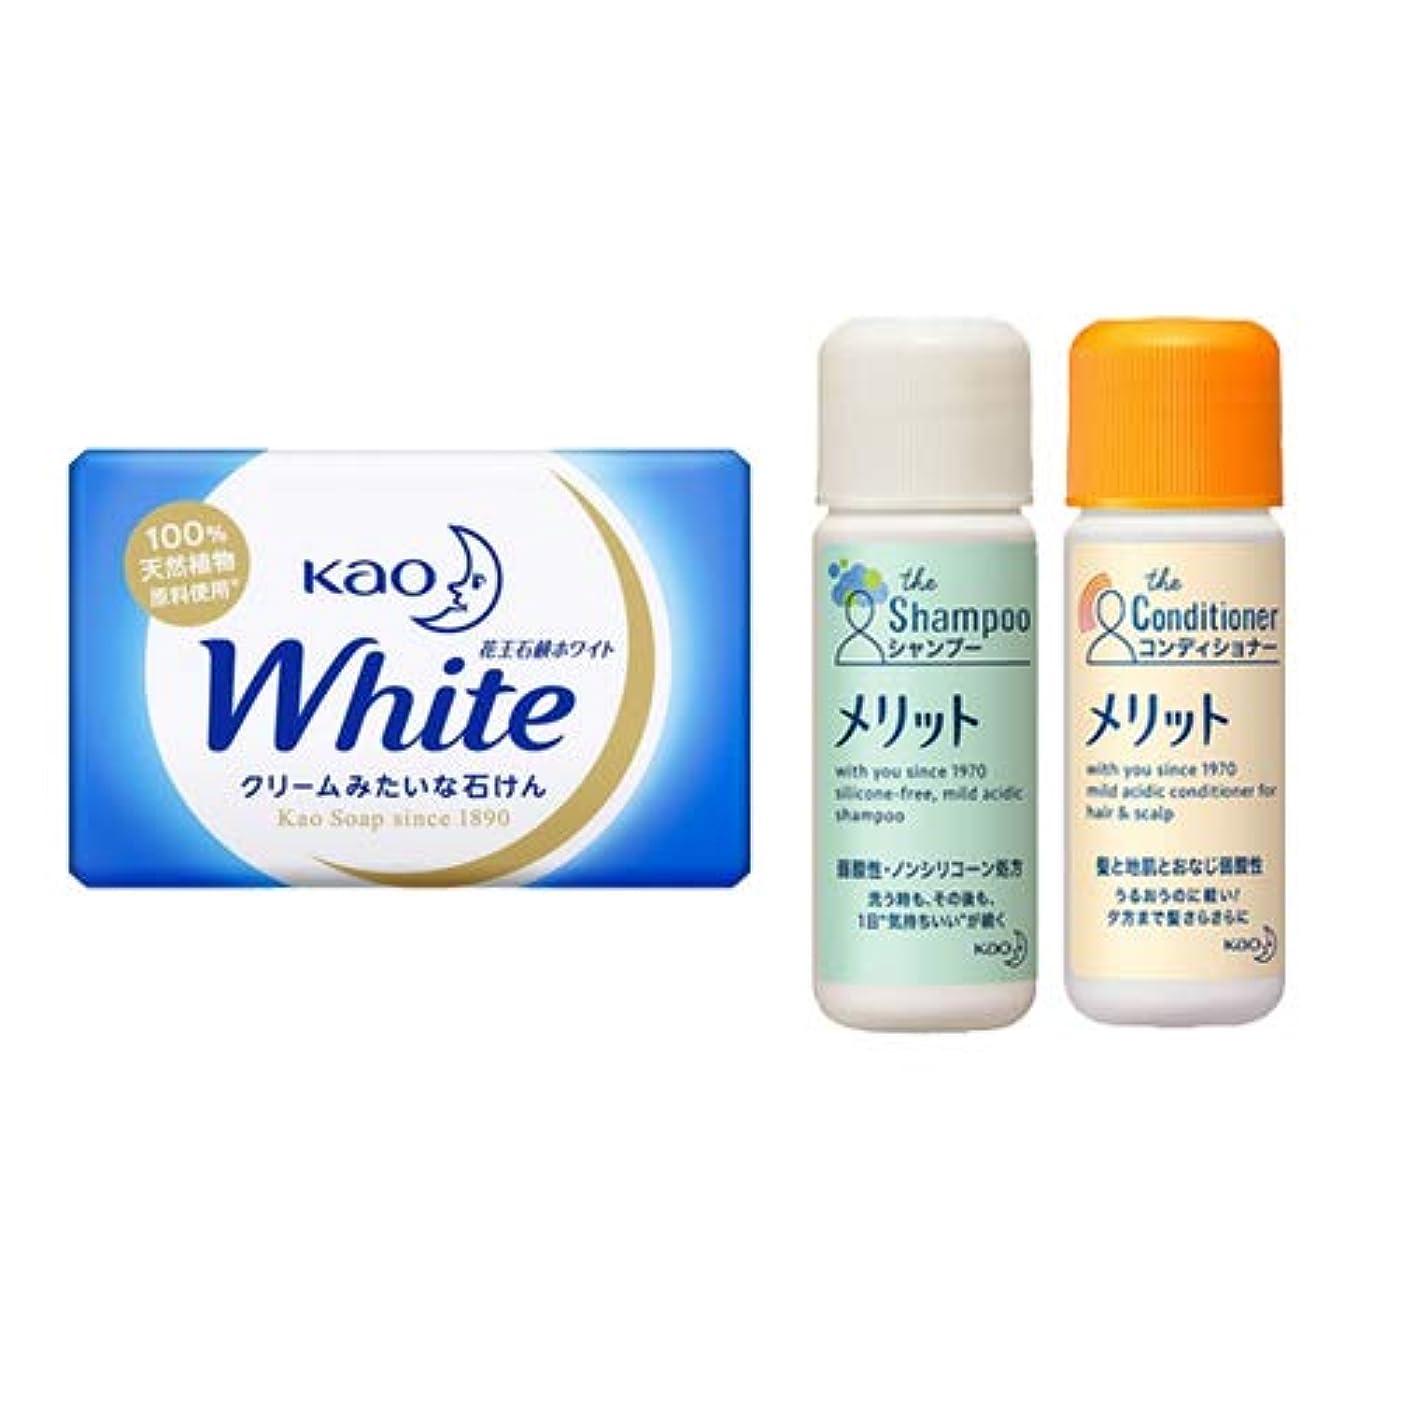 粘性のファン愛花王(KAO) 石鹸ホワイト(Kao Soap White) 15g + メリットシャンプー 16ml + リンス 16ml セット